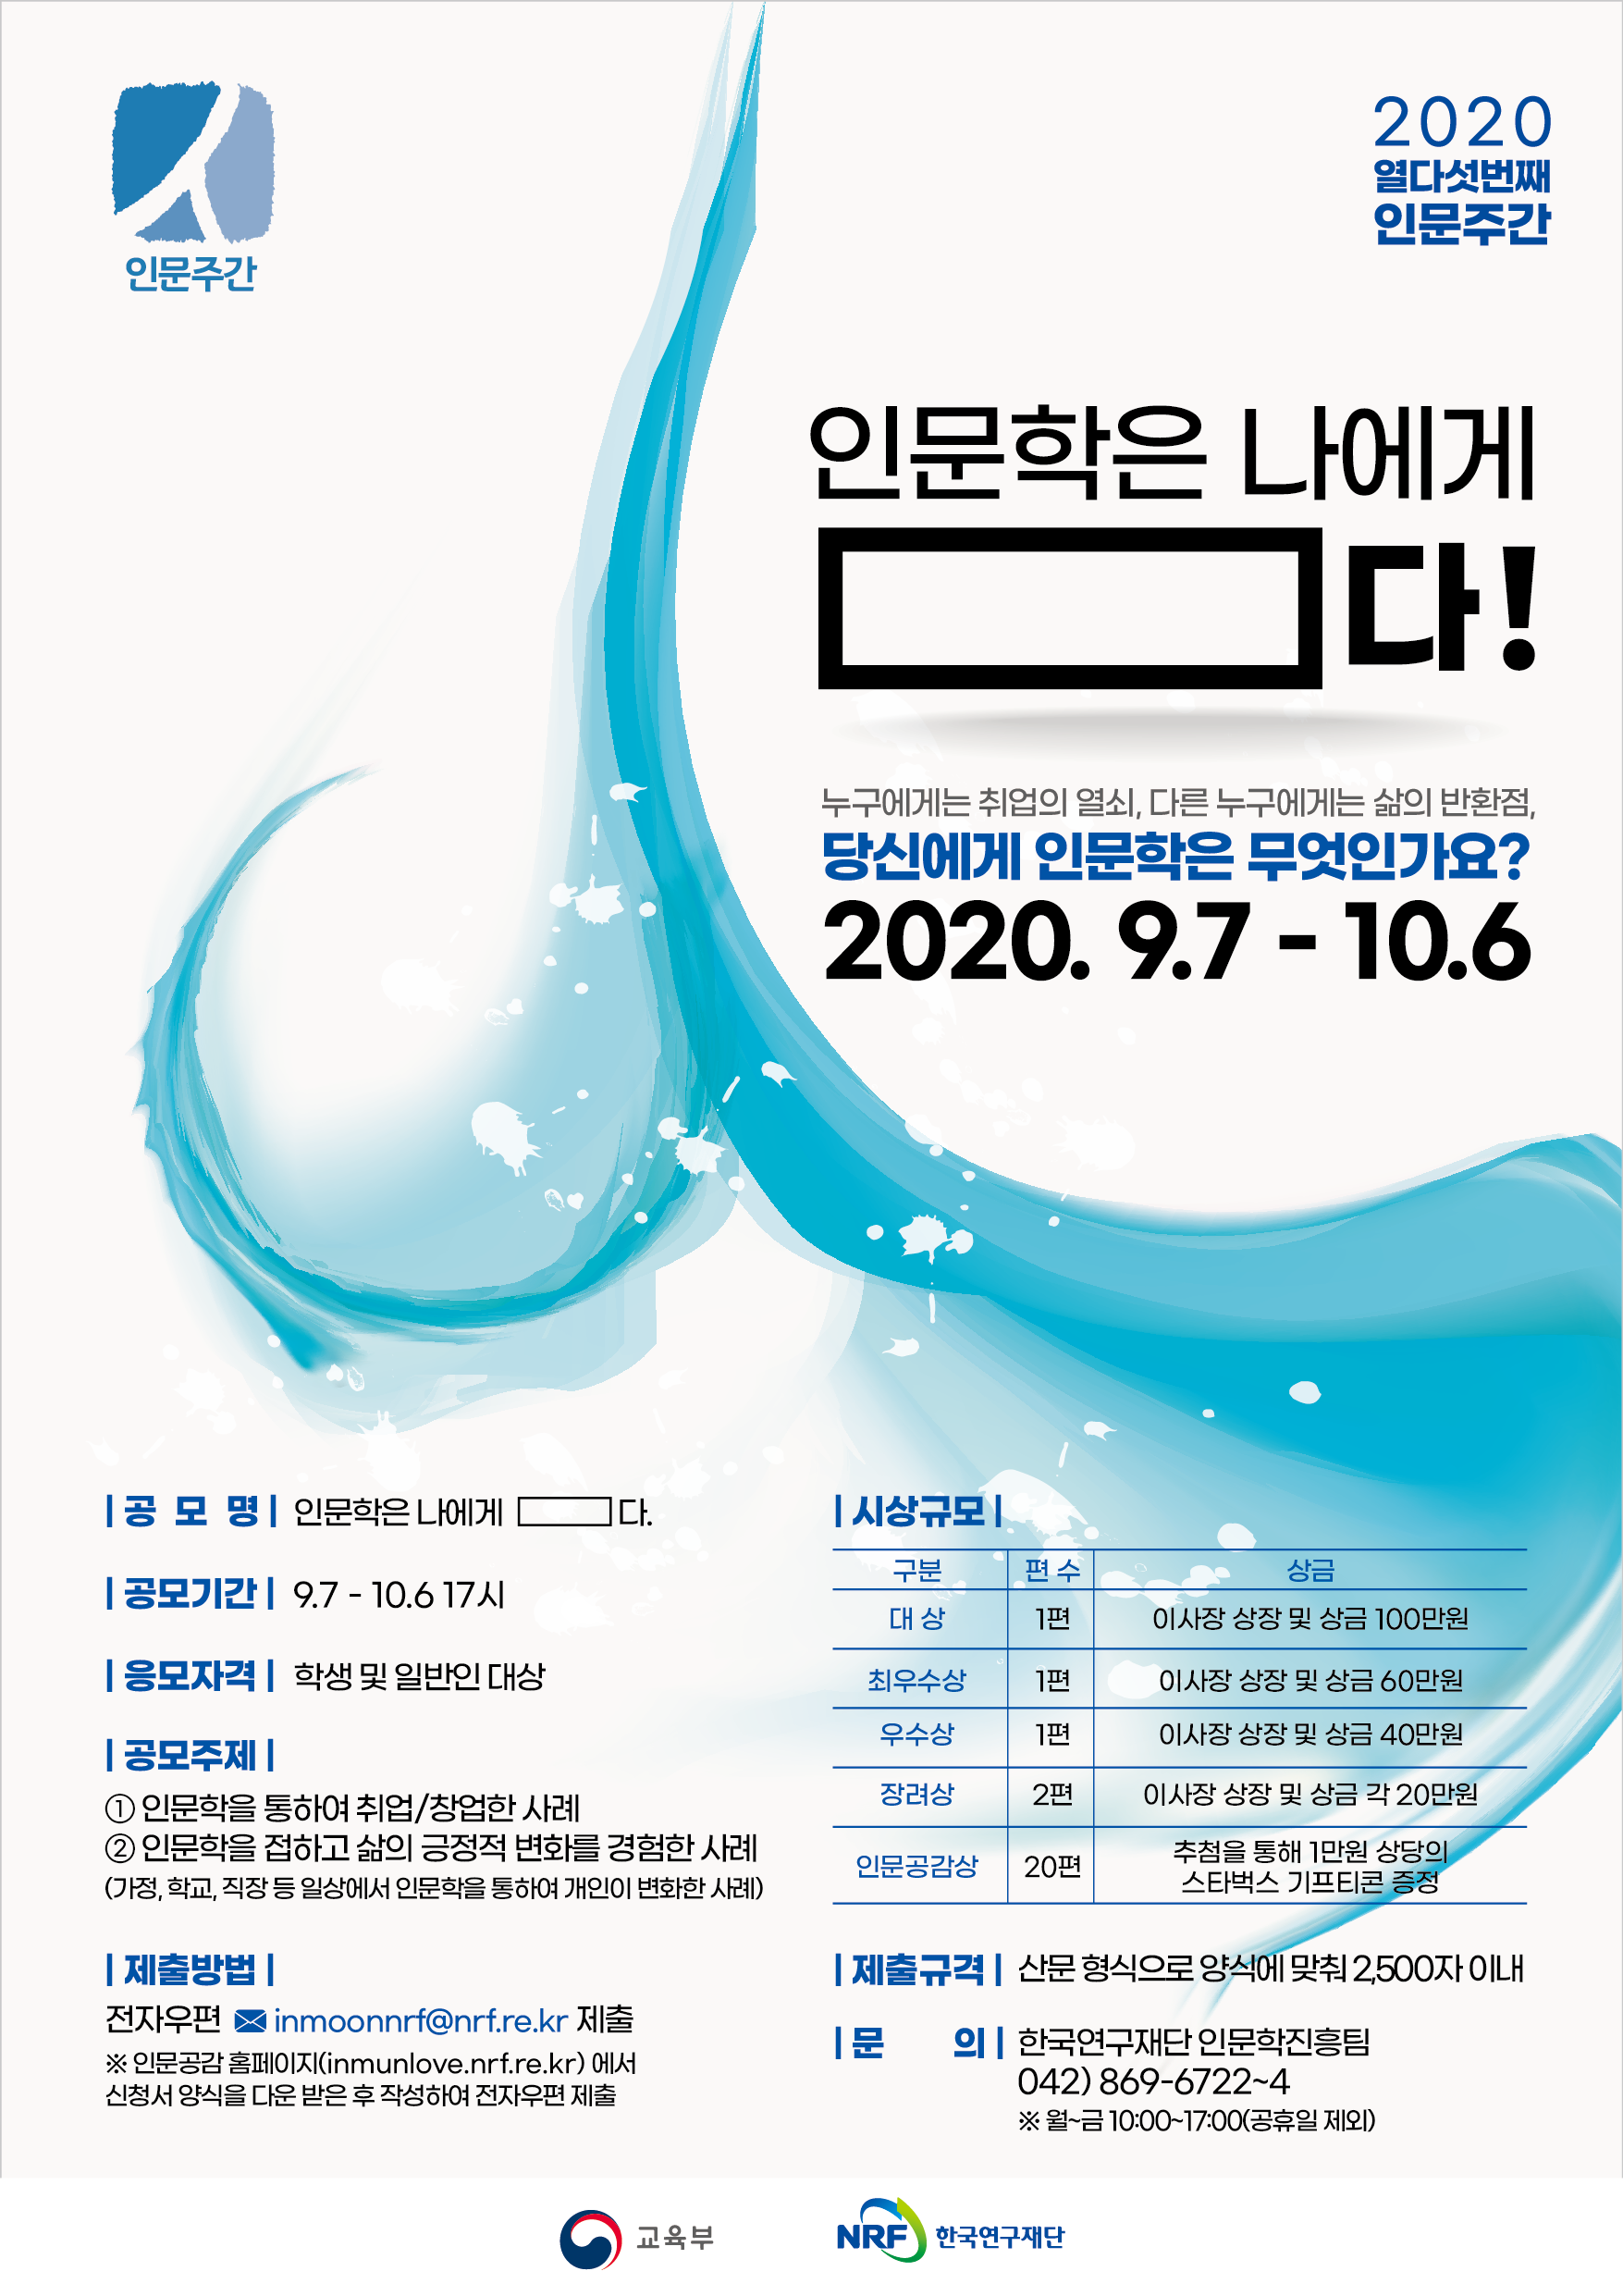 한국연구재단, 2020년 인문학 수기 공모